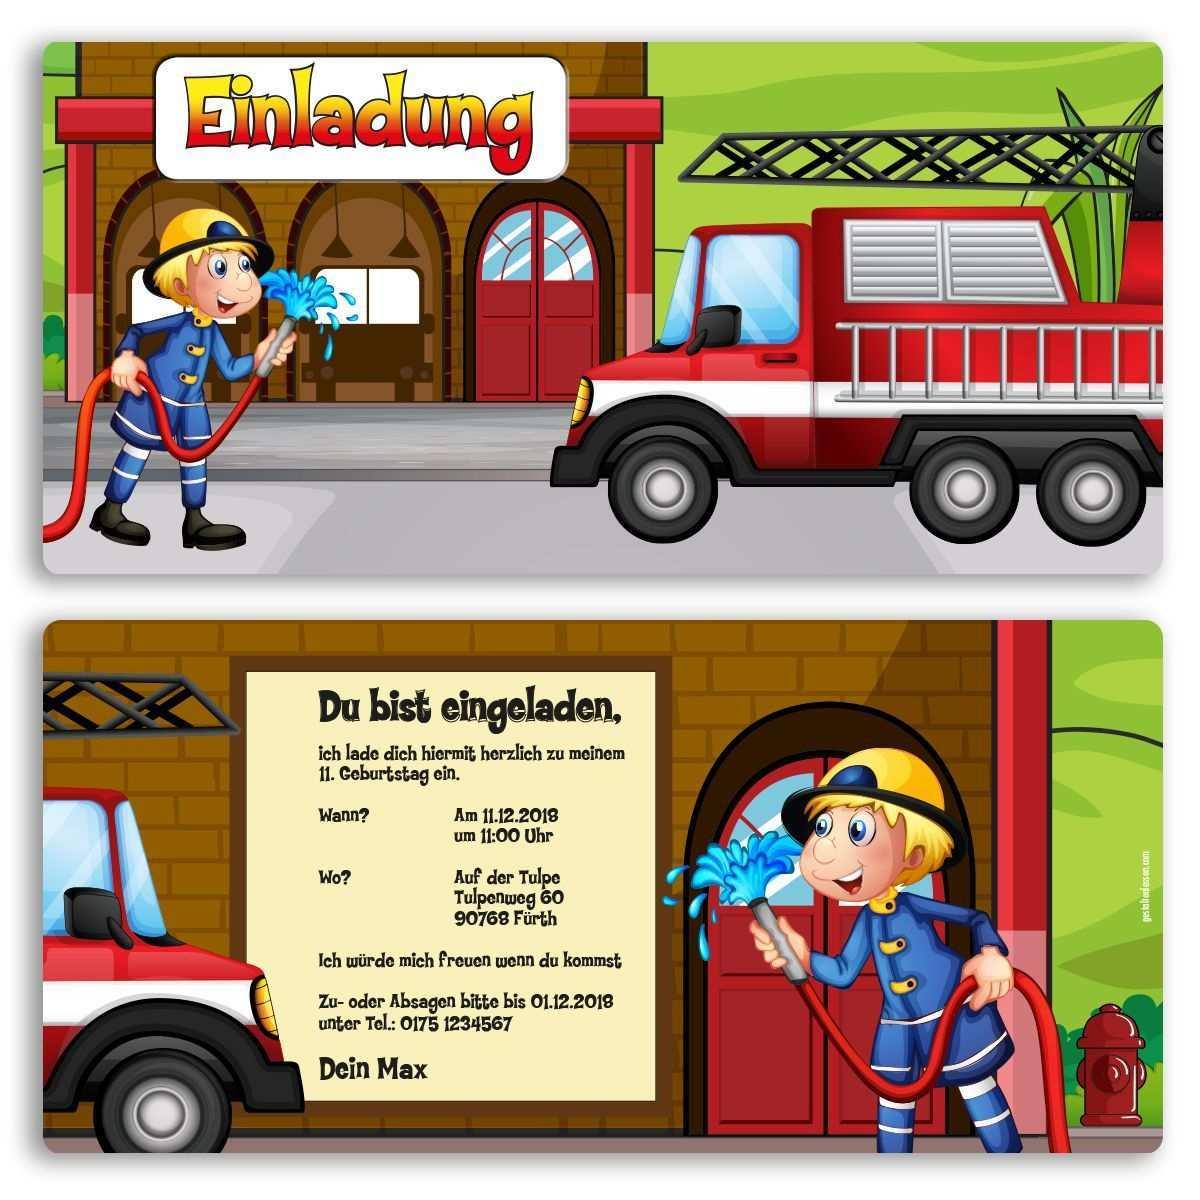 Einladungskarten Kindergeburtstag Feuerwehr Geb In 2020 Einladungskarten Kindergeburtstag Einladungskarten Kindergeburtstag Selber Basteln Einladung Kindergeburtstag